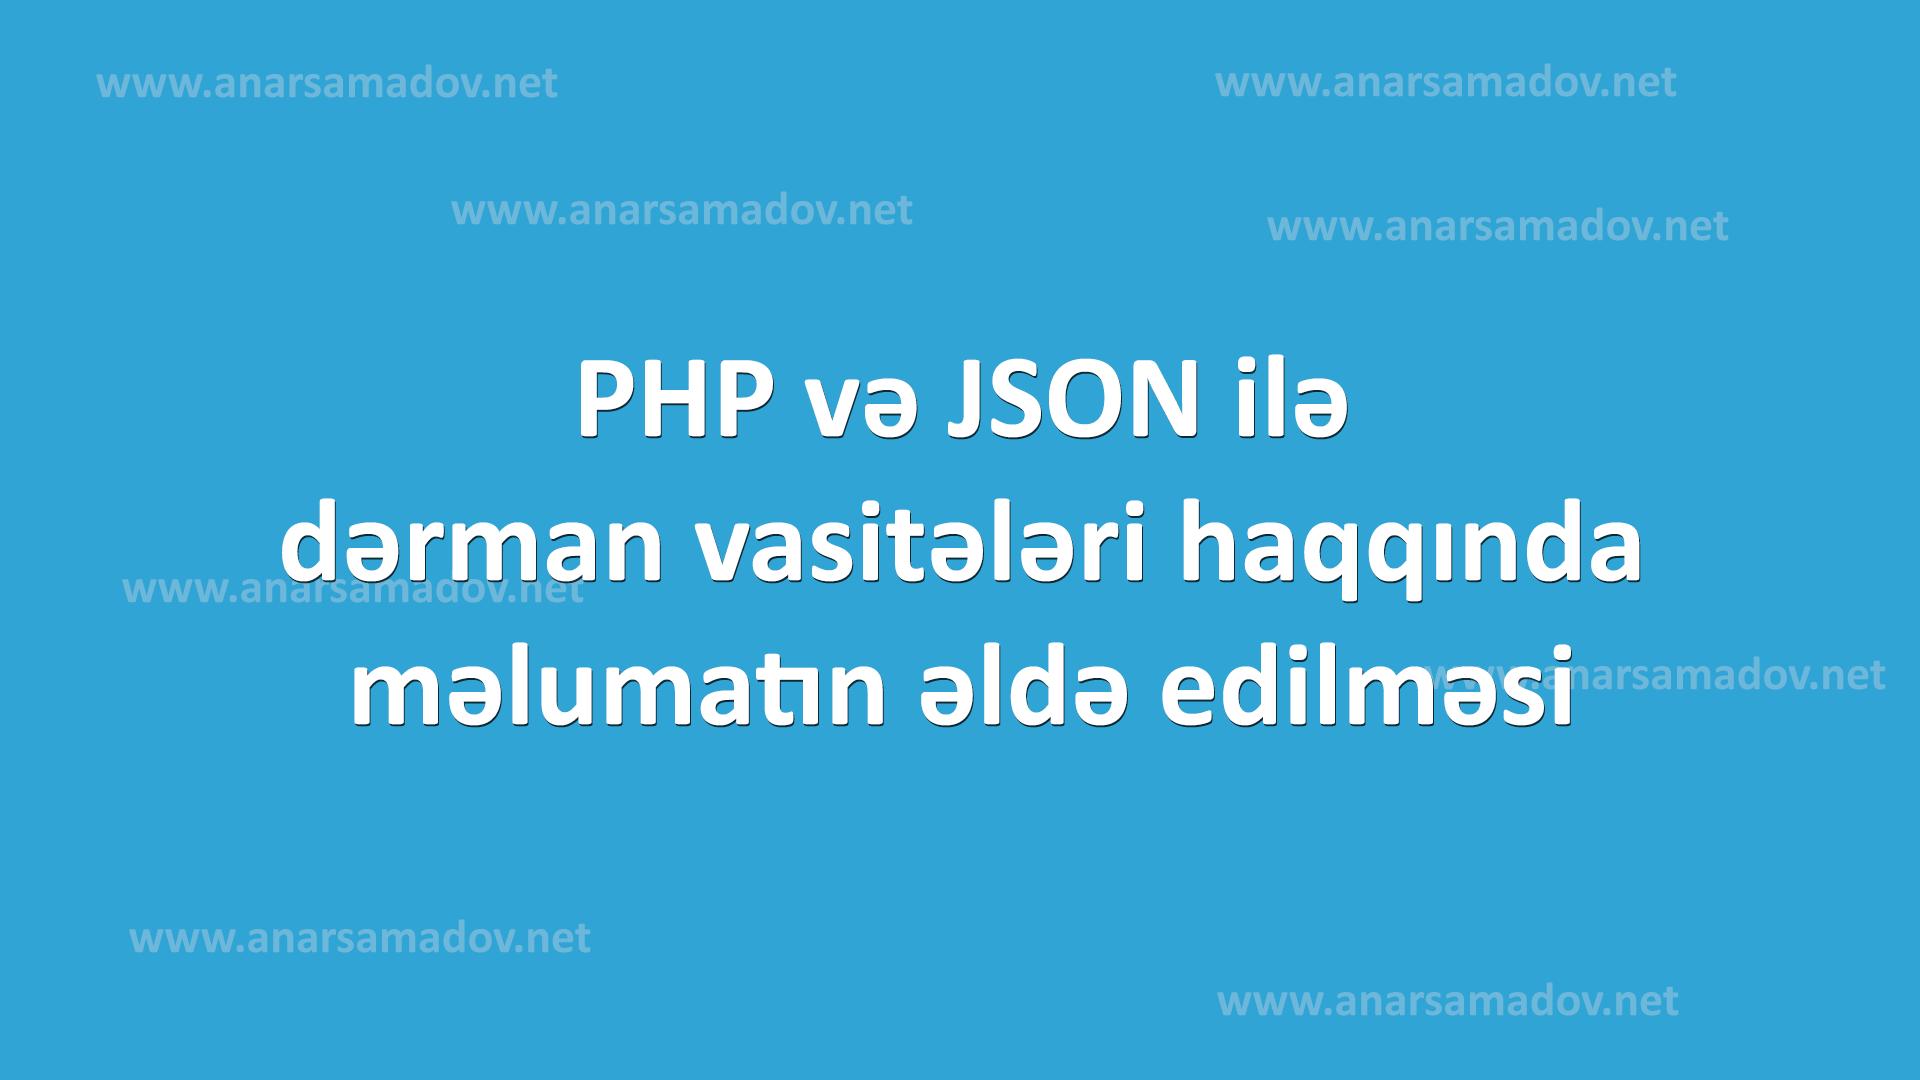 PHP və JSON ilə dərman vasitələri haqqında məlumatın əldə edilməsi.